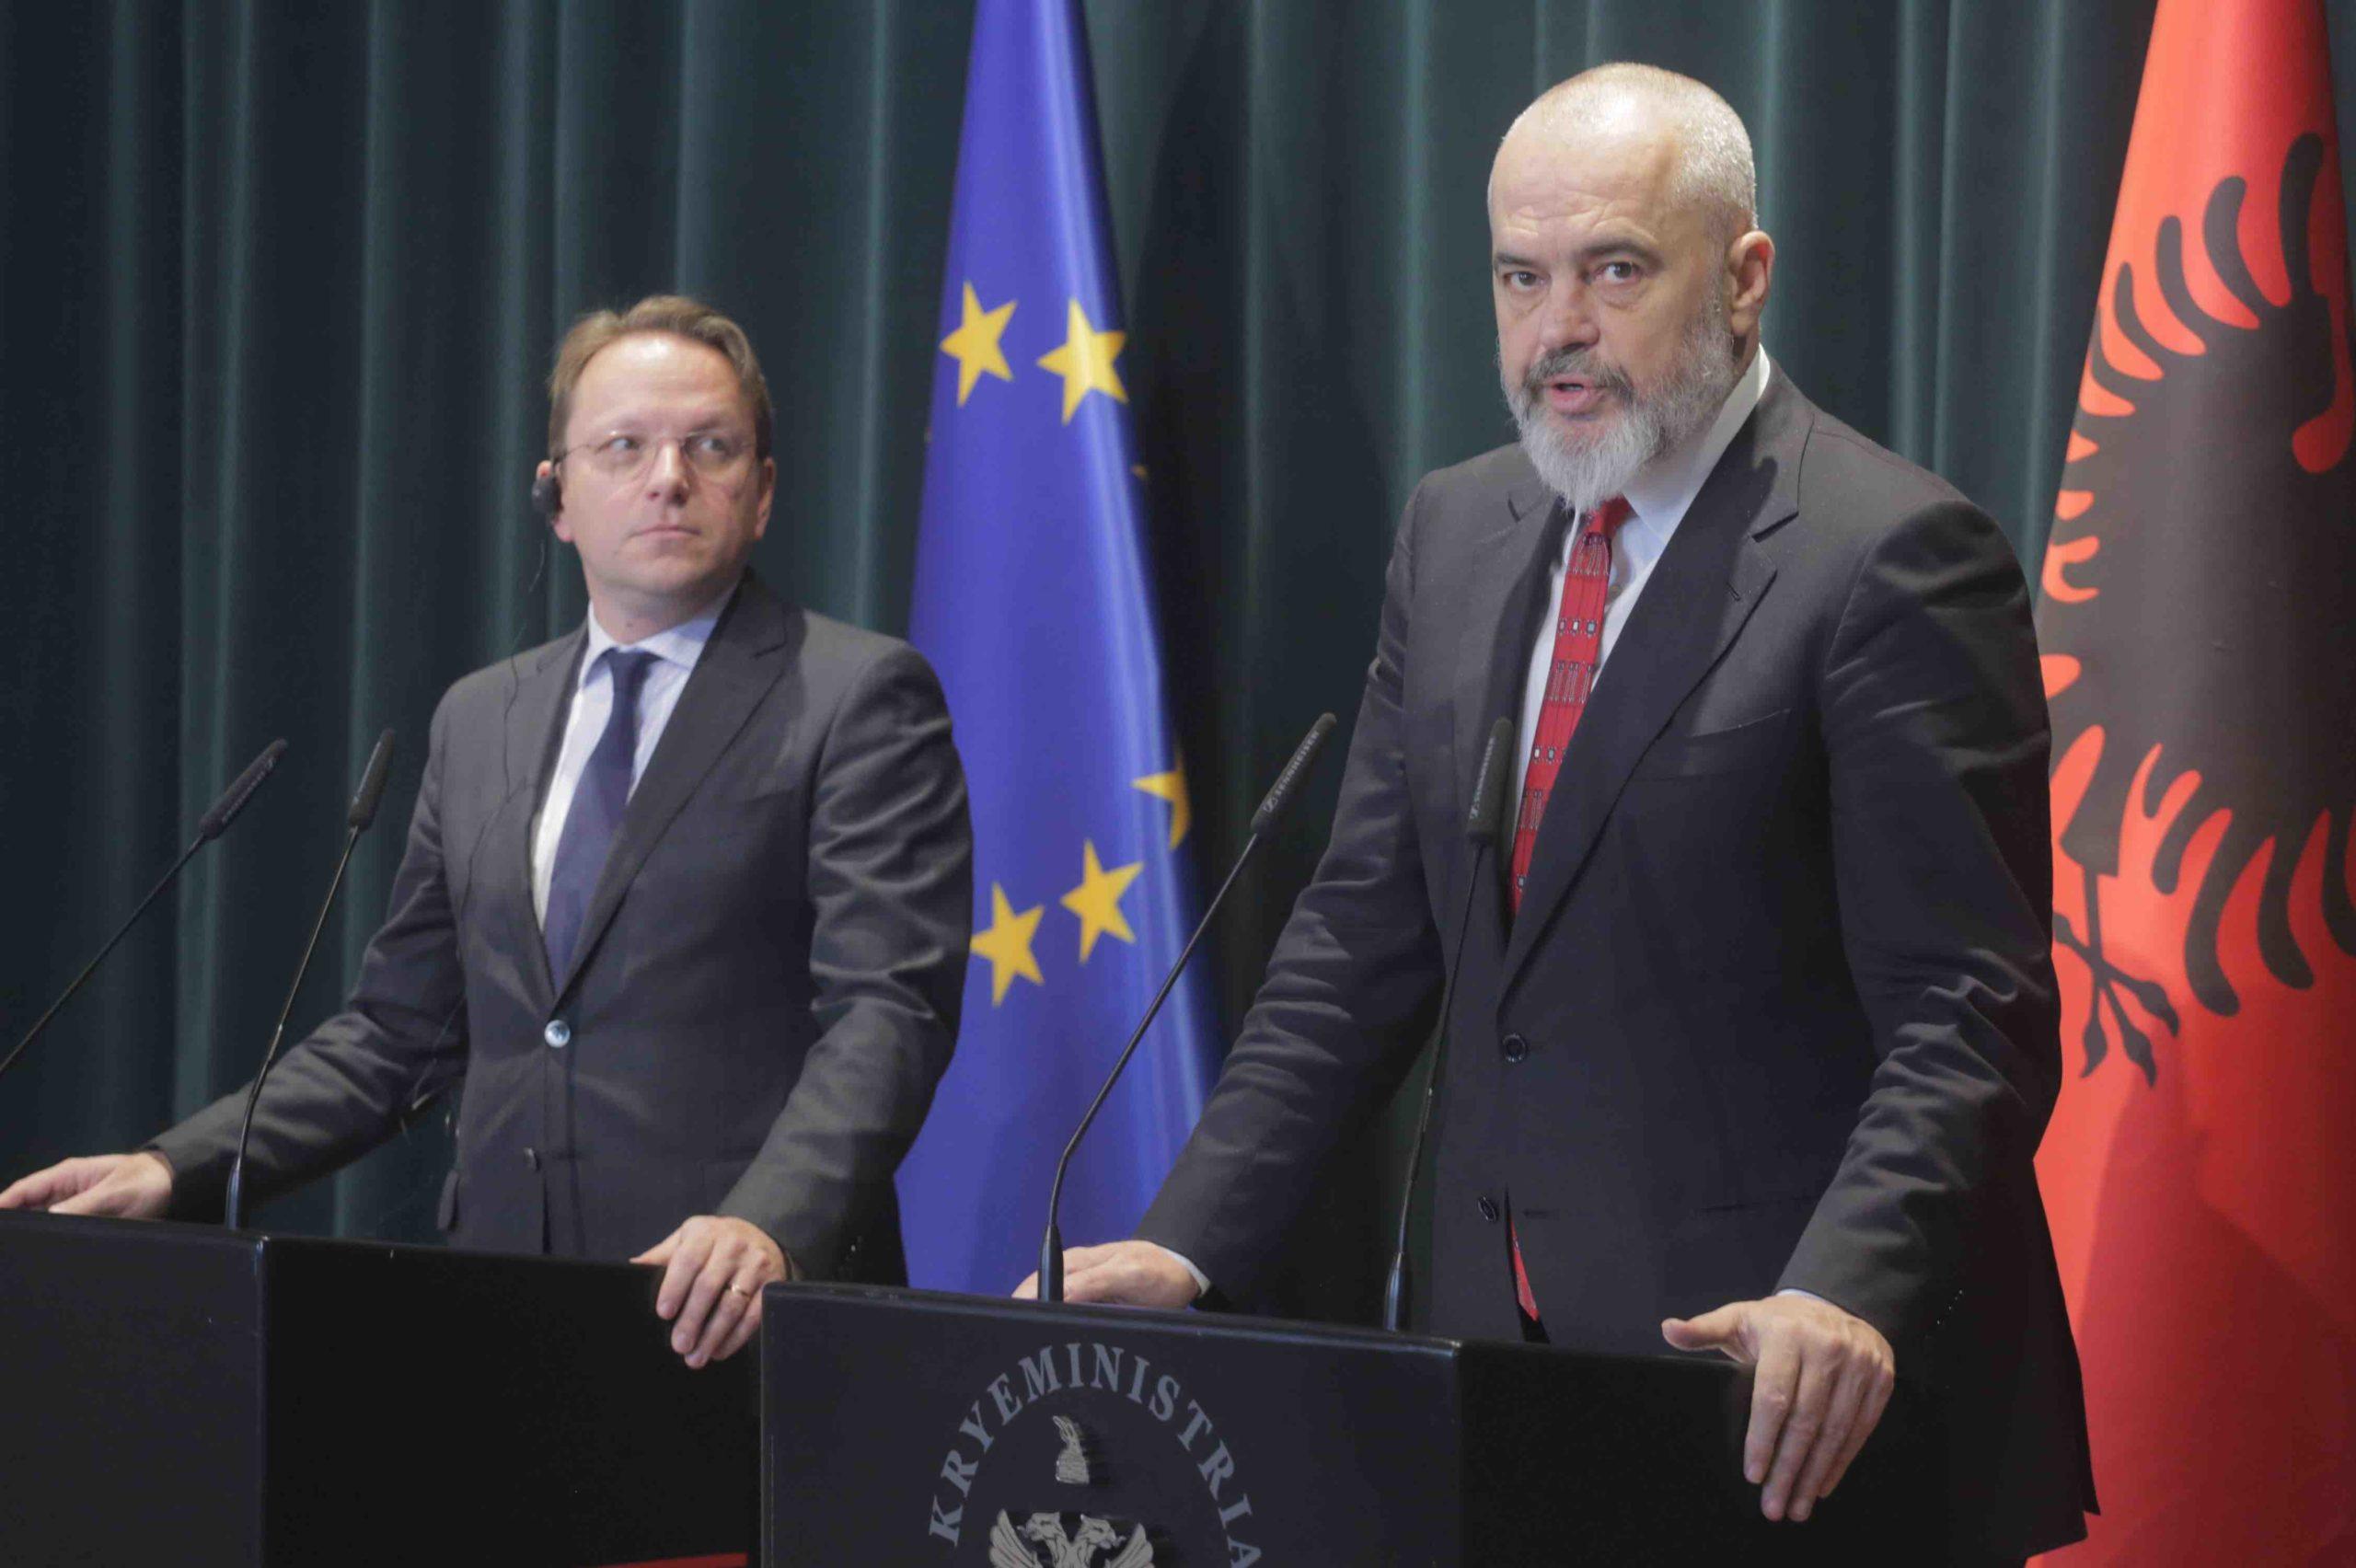 Rama i Varhelyi će predsedavati Samitom zemalja Zapadnog Balkana 10. juna u Tirani